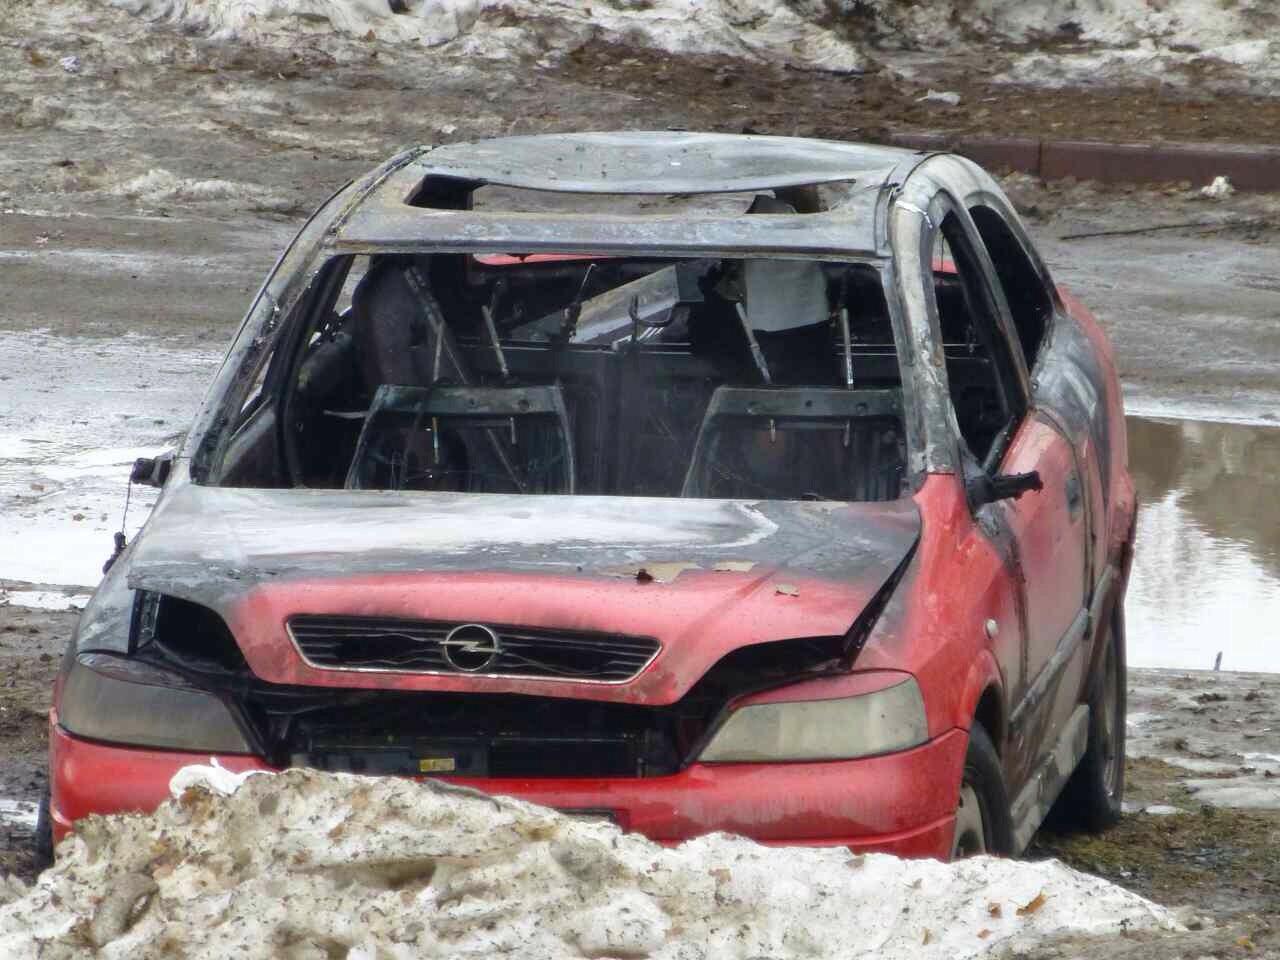 ВКемерове наОктябрьском проспекте сгорела иностранная машина Опель Astra